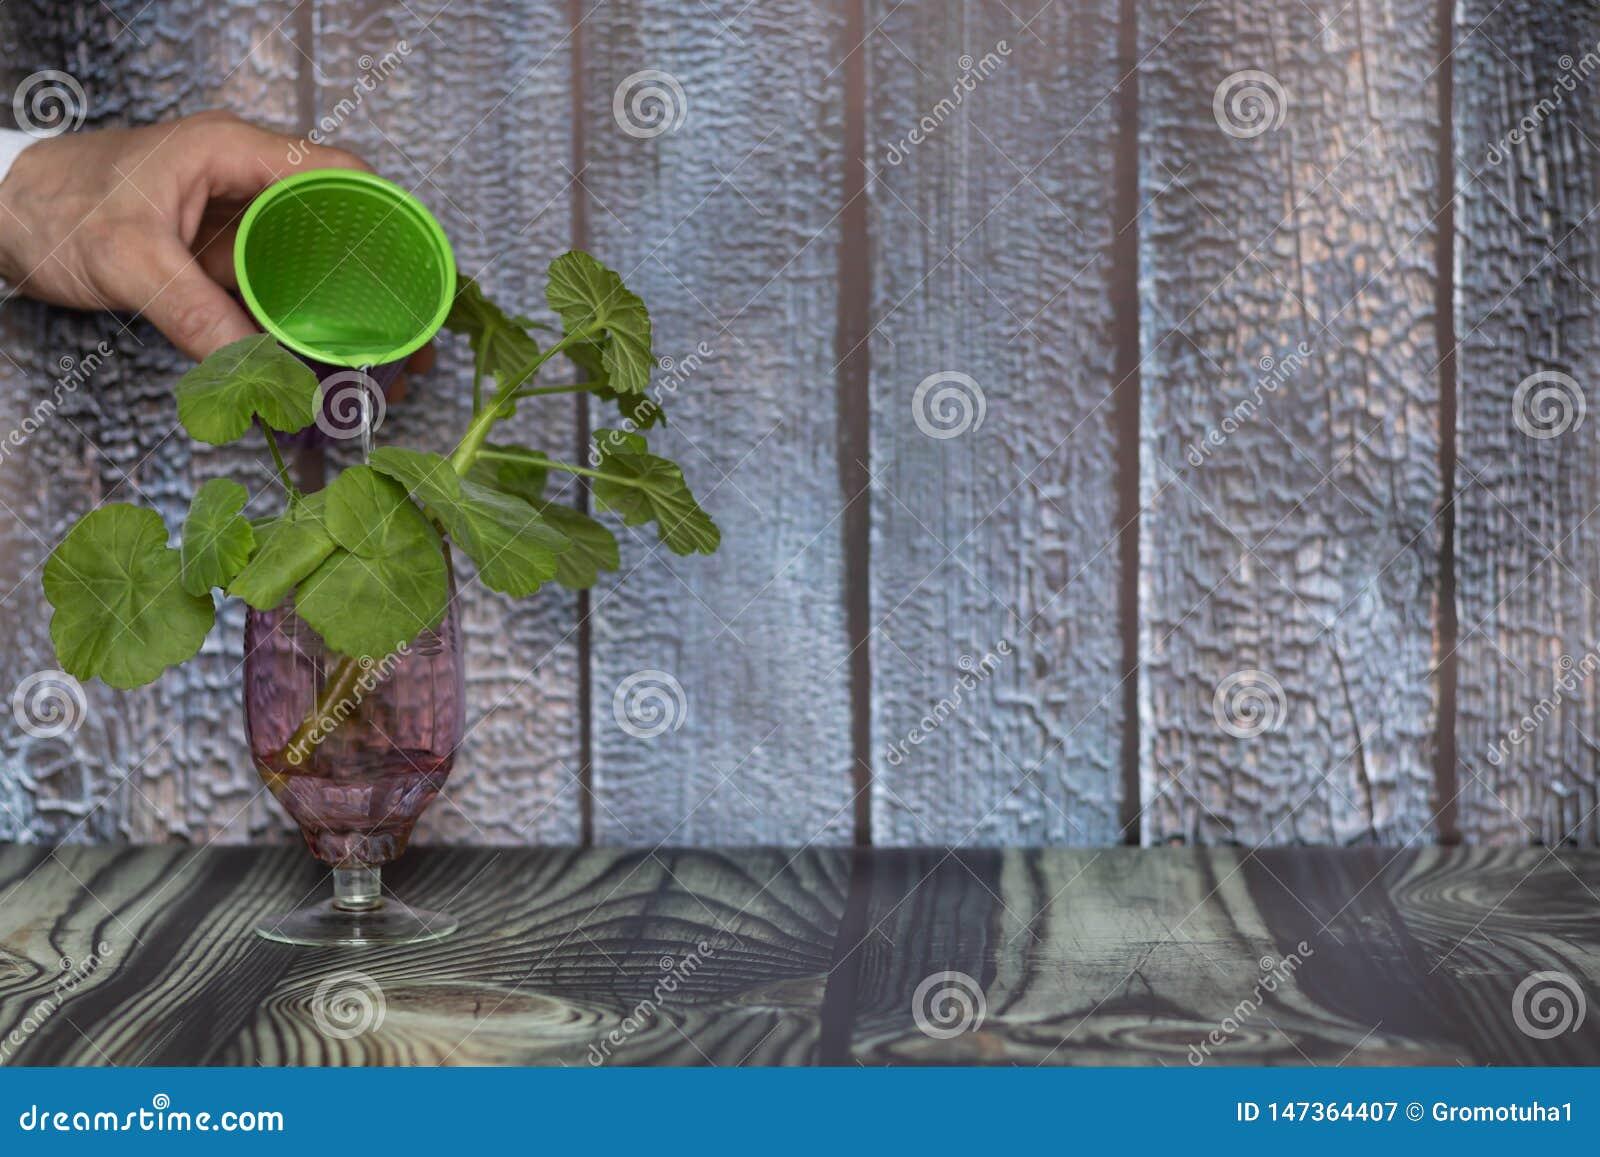 Il concetto di preoccuparsi per l ambiente e la conservazione dell ambiente Mano che innaffia una pianta verde dopo il trapianto